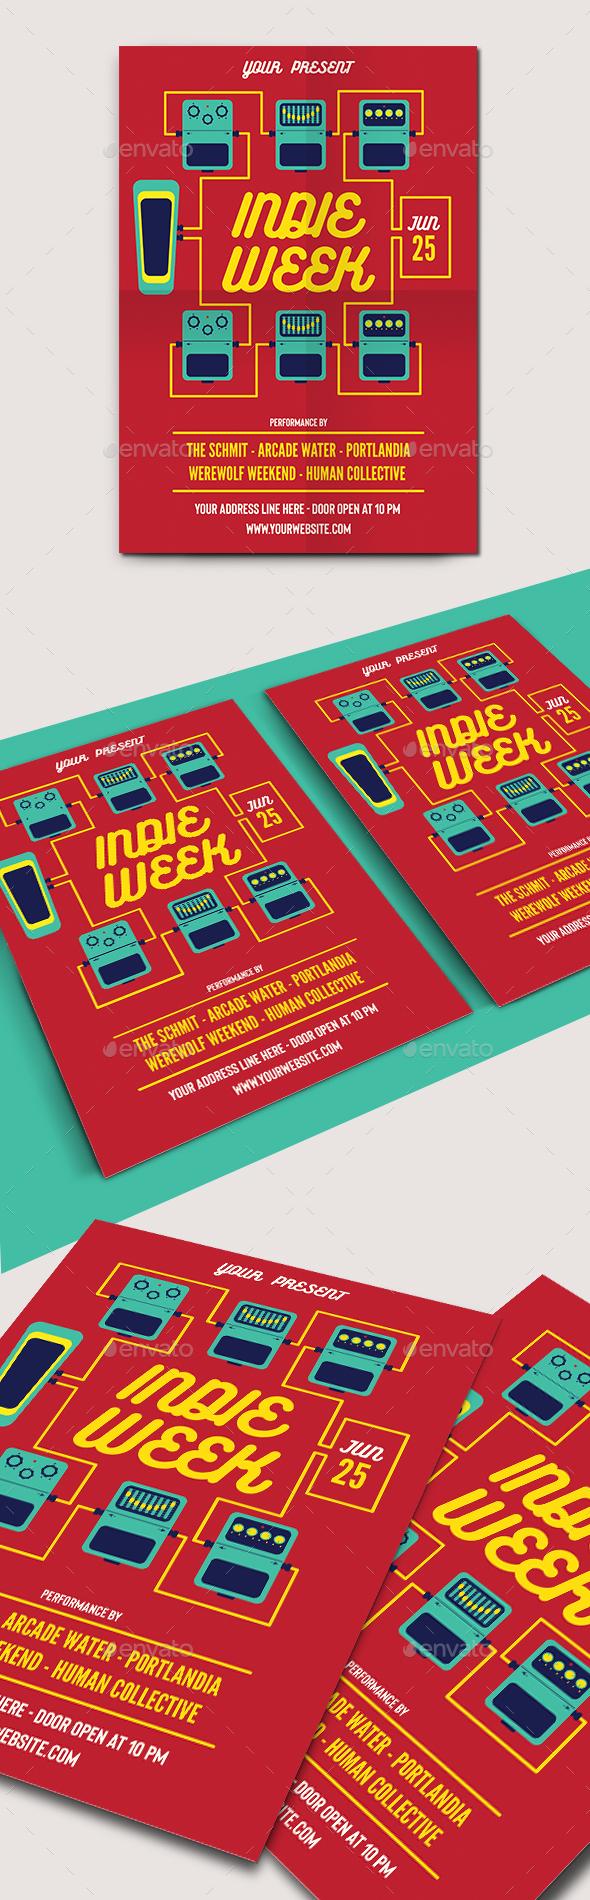 Indie Week Flyer Template